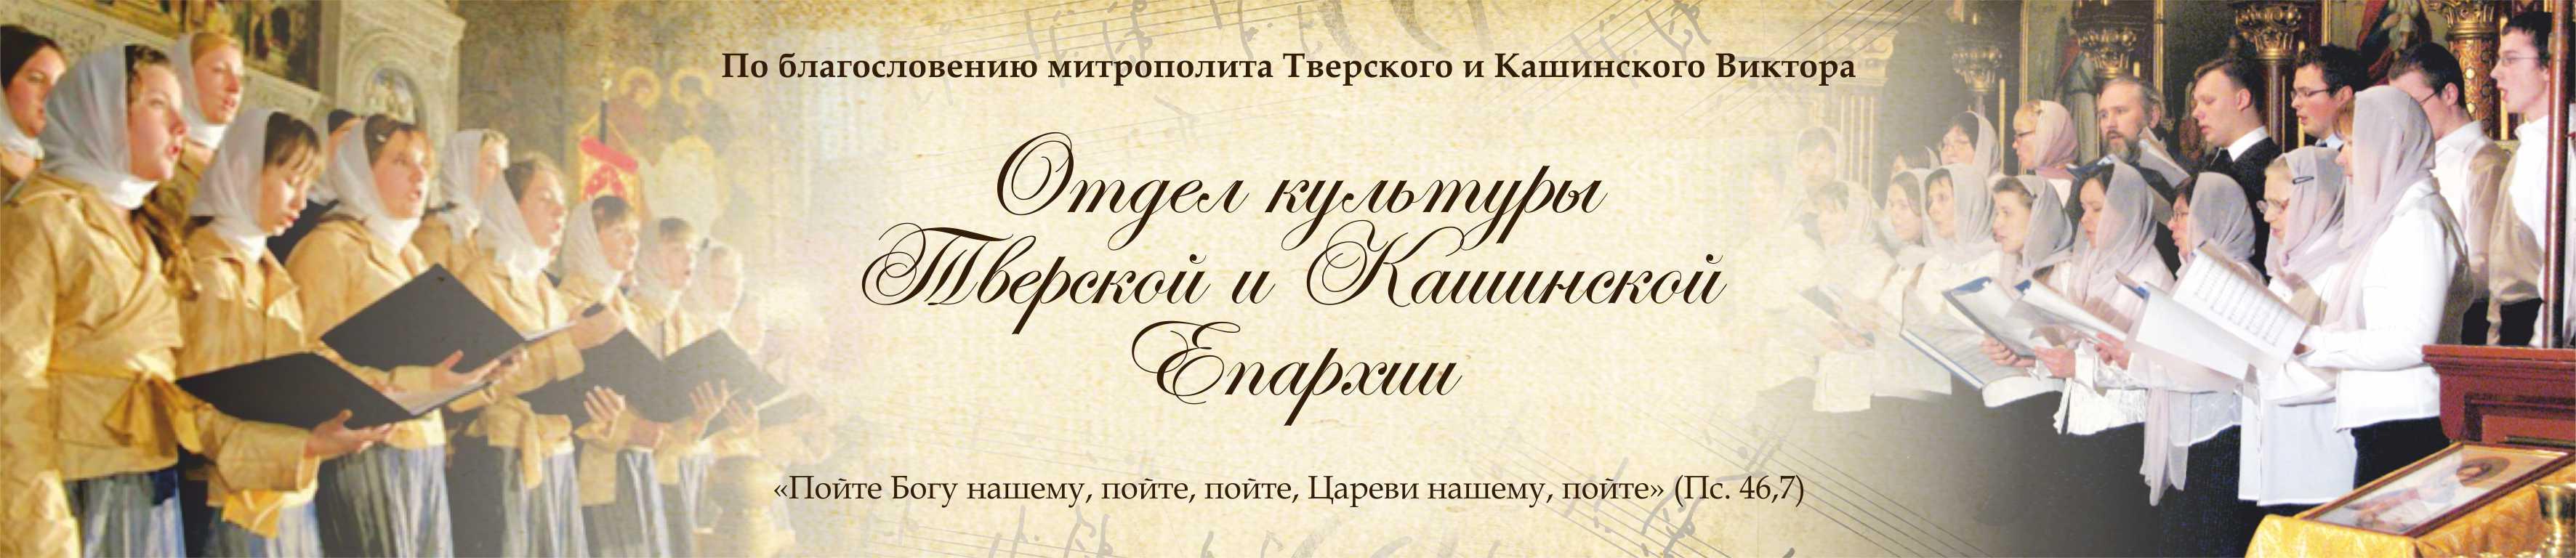 Культурный отдел Тверской епархии